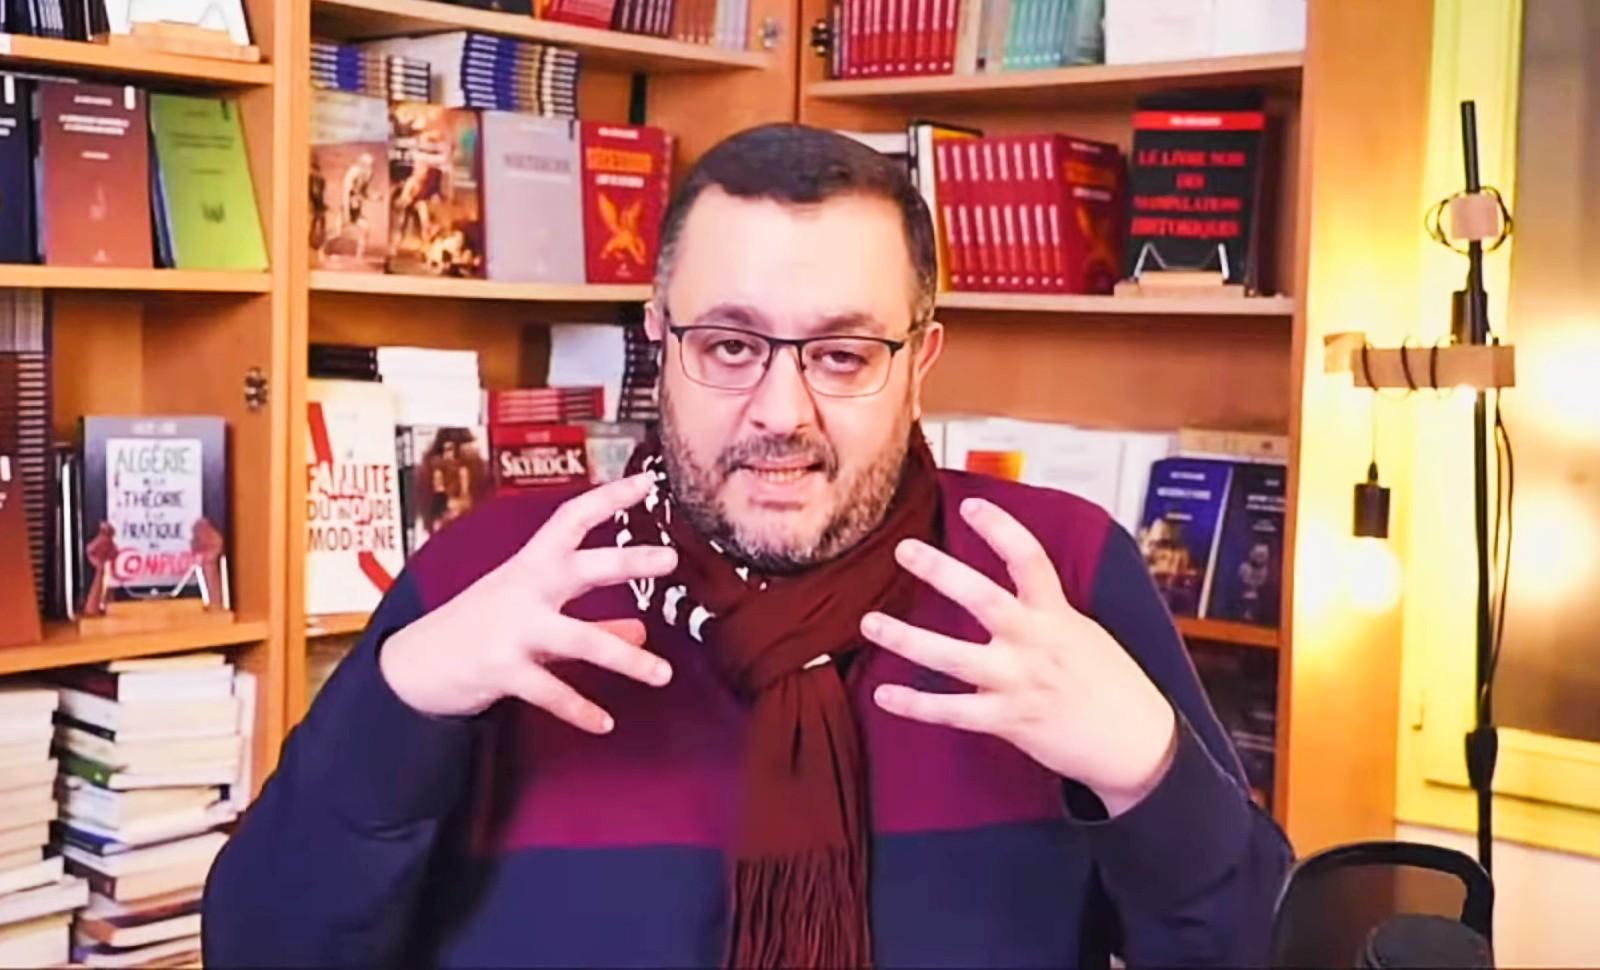 Youtube tremble : Salim Laïbi veut déposer plainte